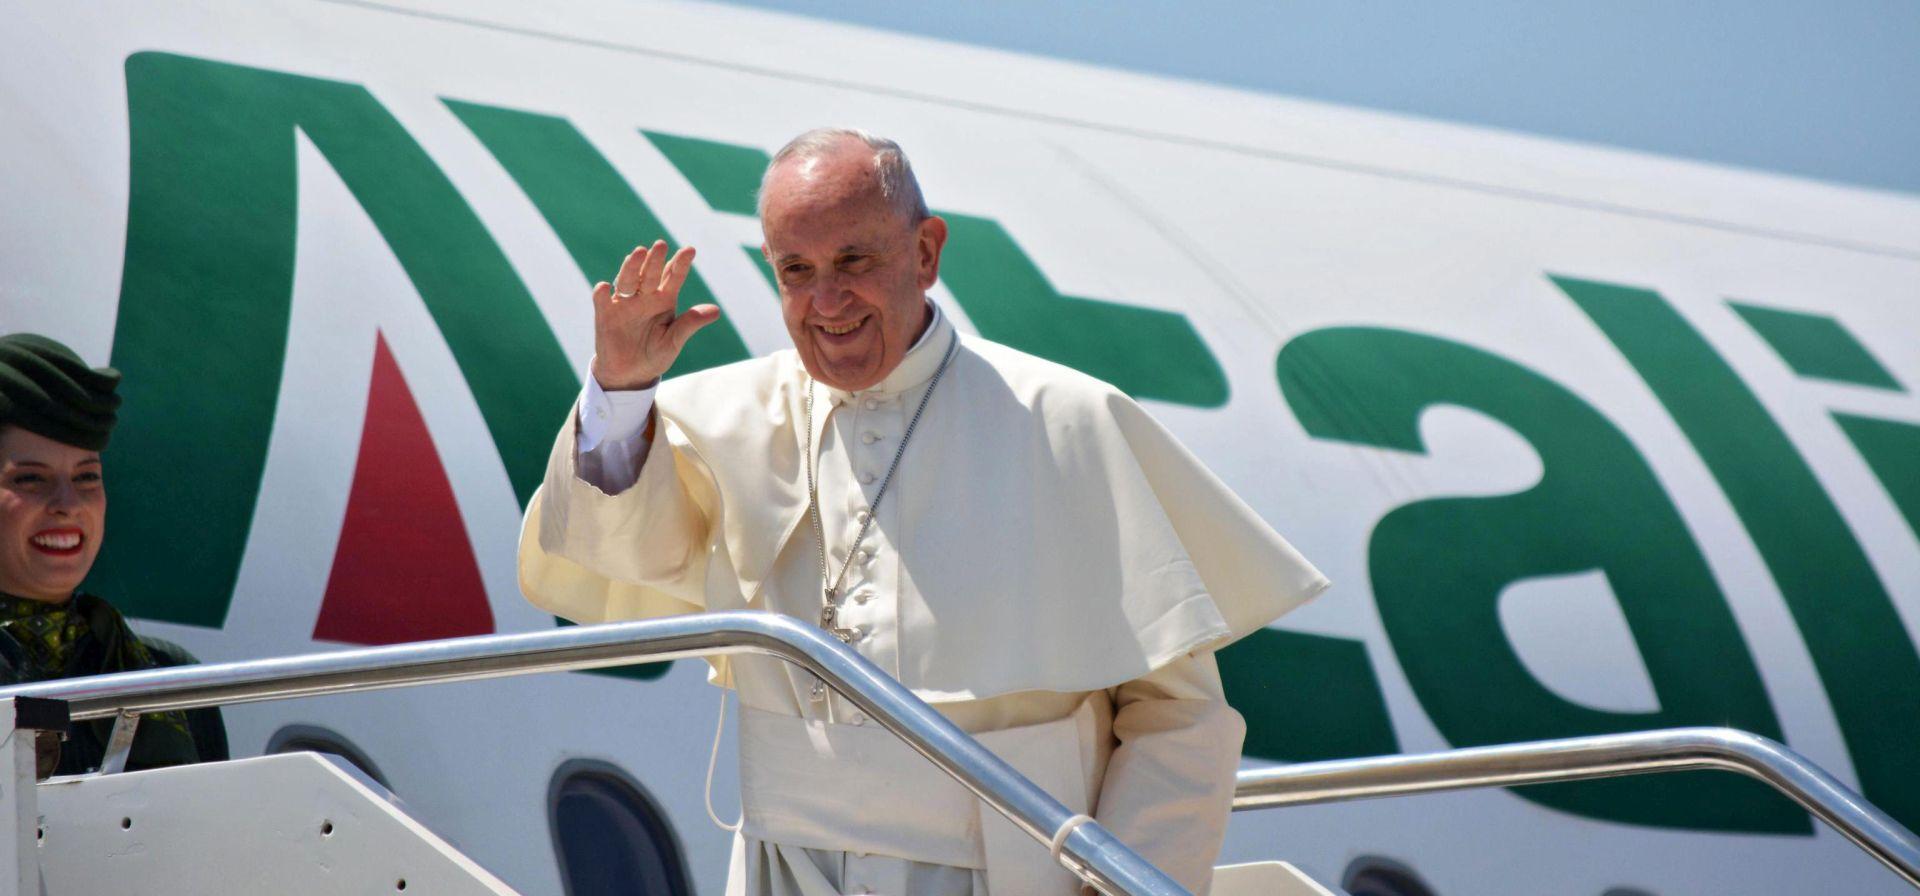 """Papa Franjo: """"Svijet je u ratu"""", ali ne vjerskom"""